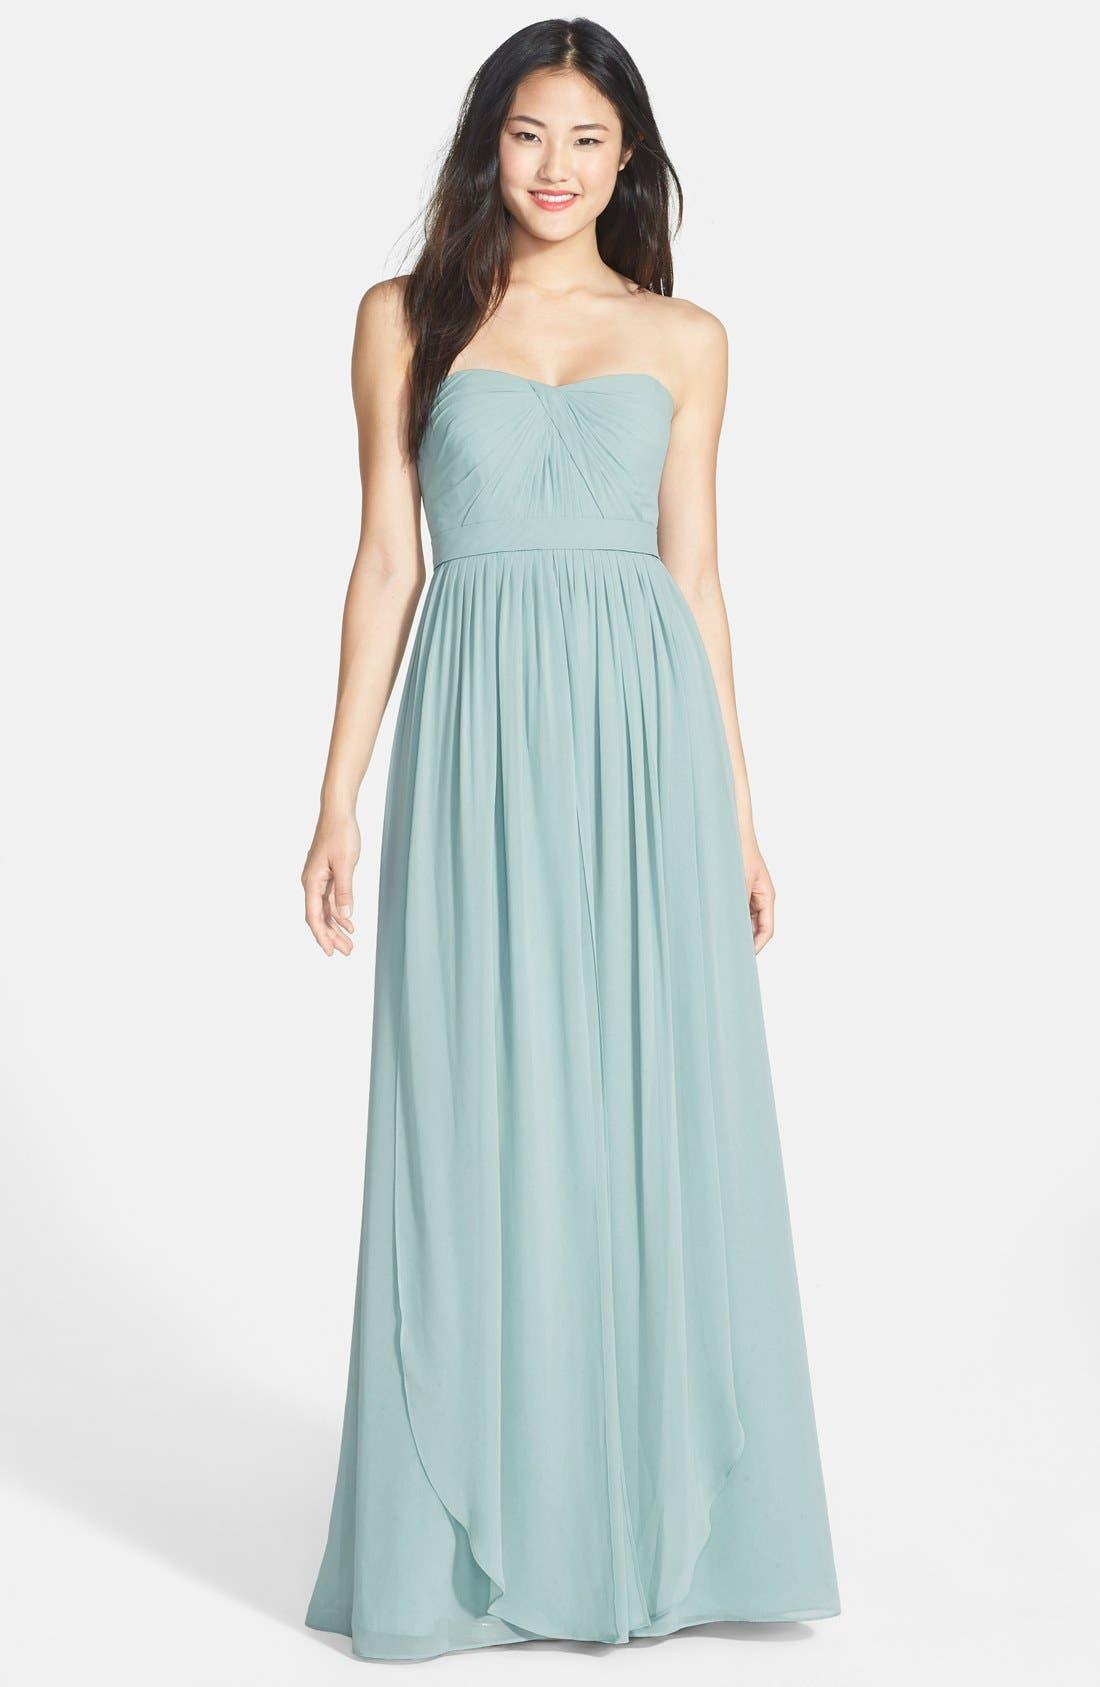 Main Image - Jenny Yoo 'Aidan' Convertible Strapless Chiffon Gown